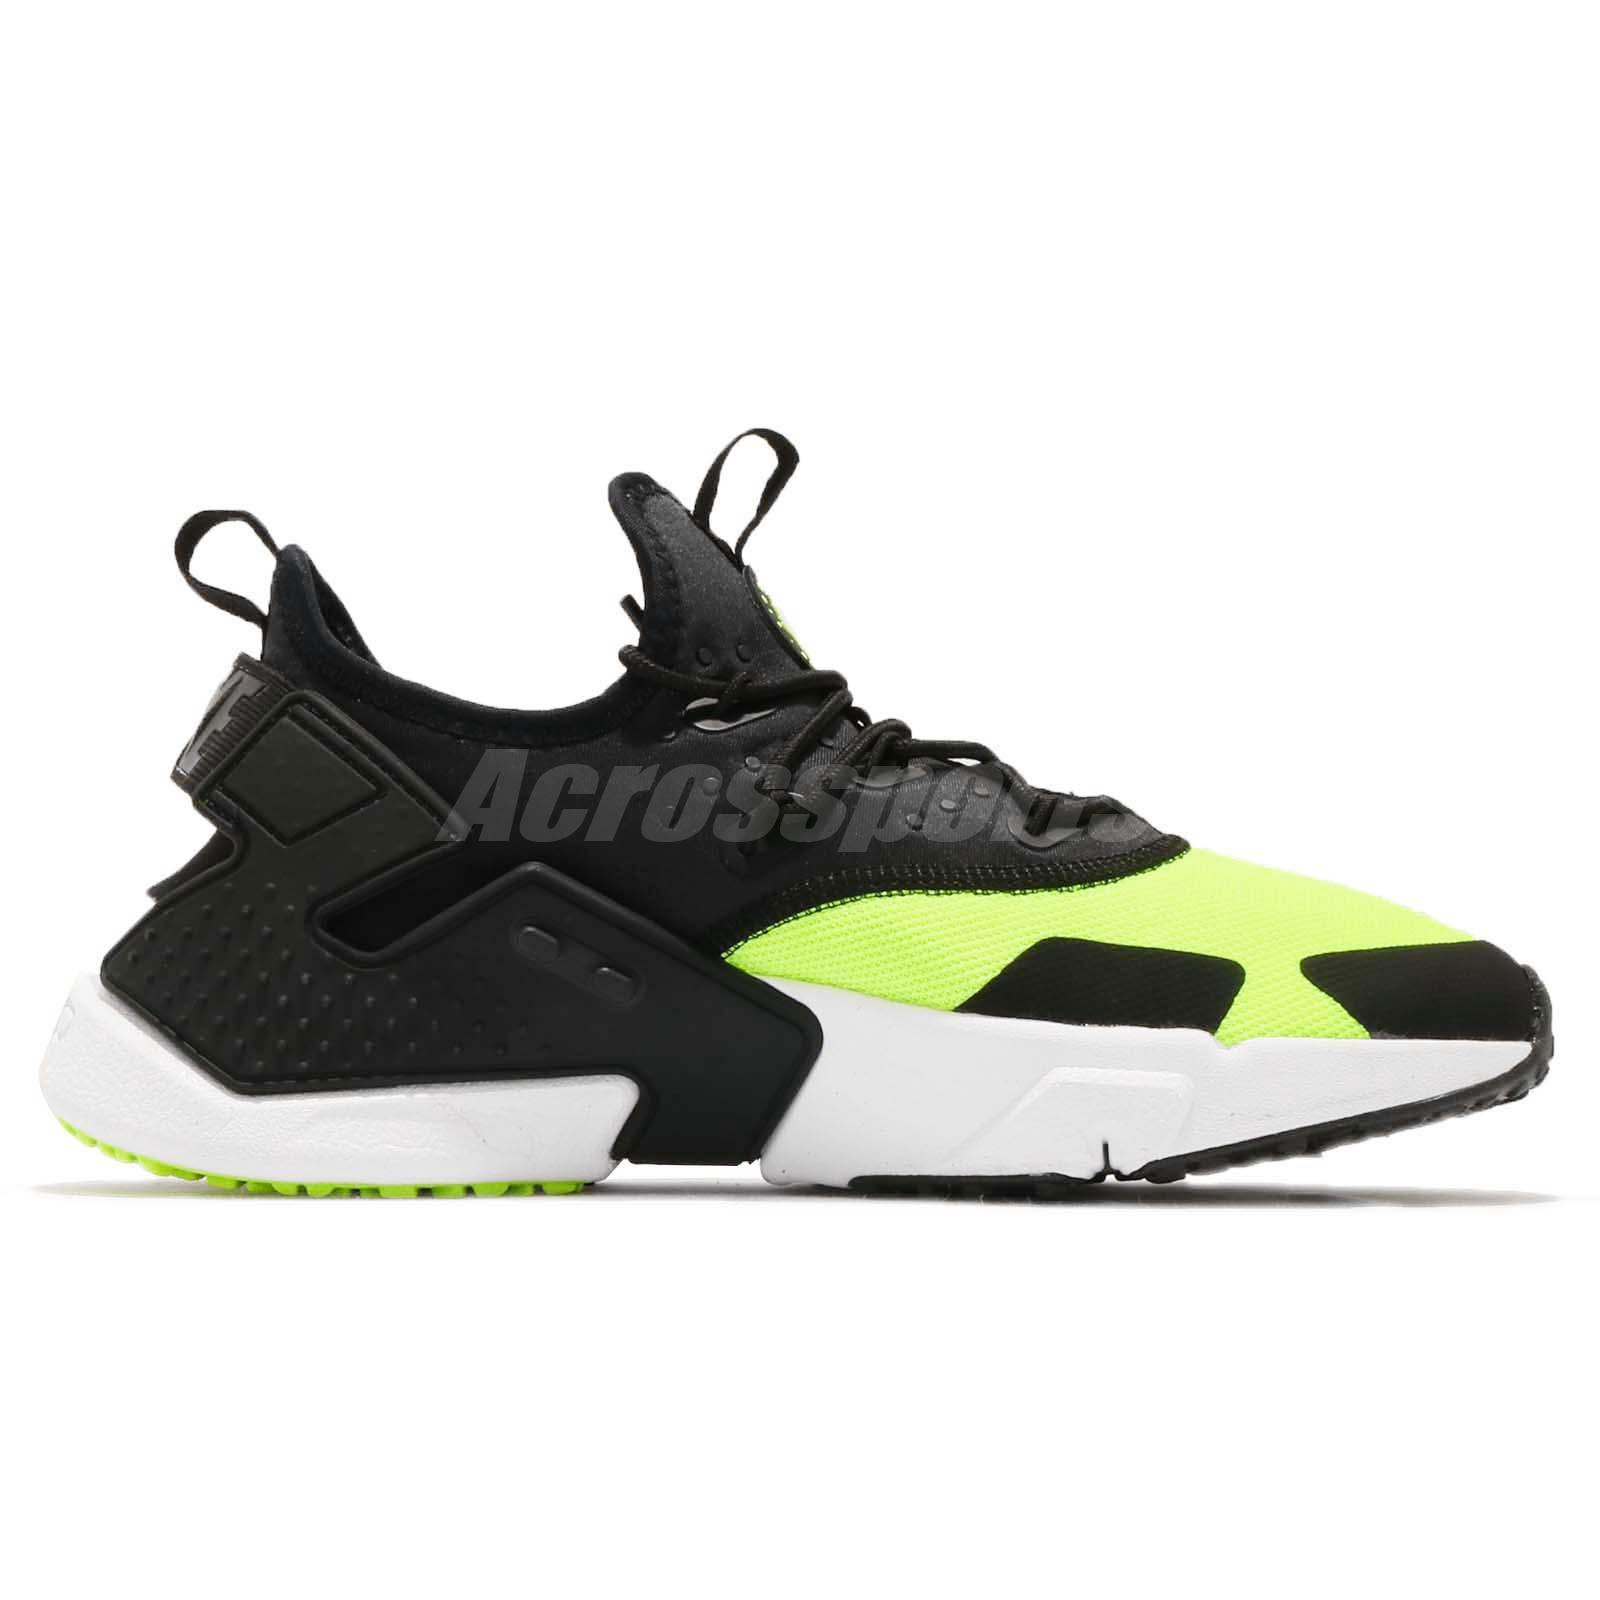 4287a2f0b96a7 Nike Air Huarache Drift Volt Black White Men Running Shoes Sneakers ...